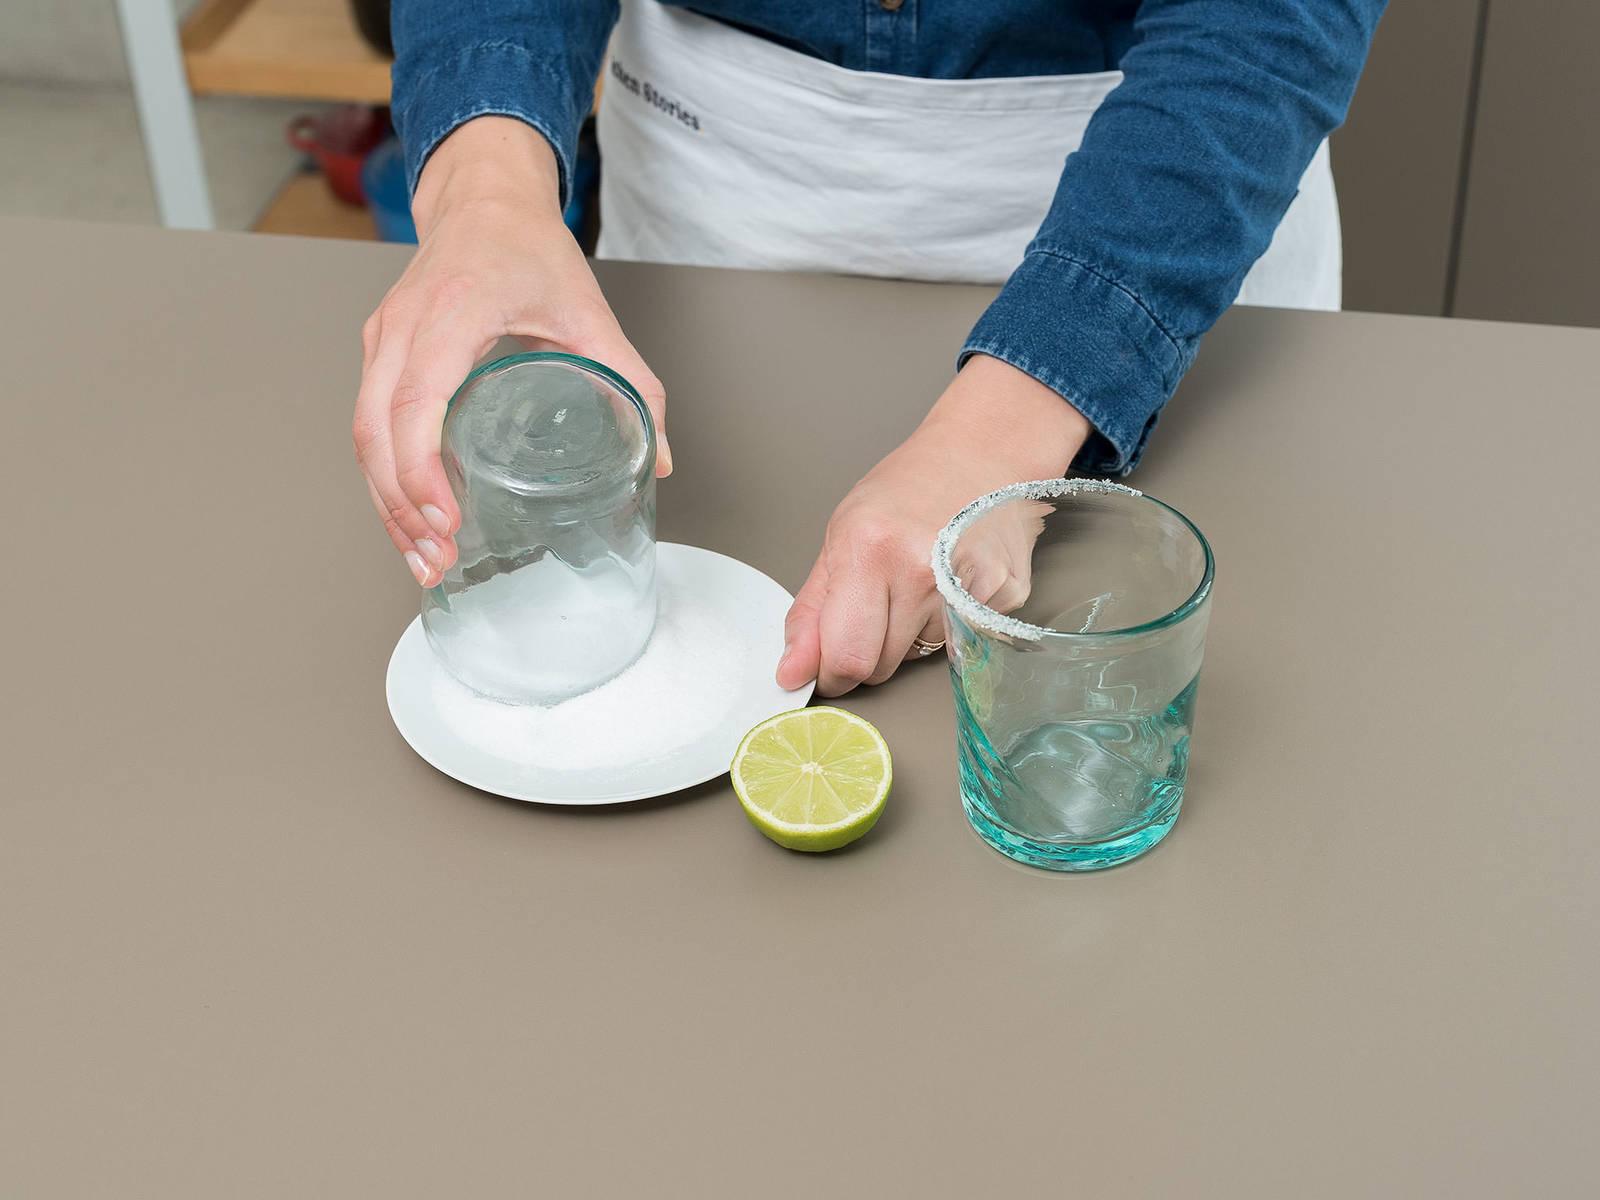 Salz auf einen flachen Teller geben. Limette halbieren und damit um den oberen Glasrand fahren, um ihn zu befeuchten. Glasrand in Salz tunken. Gläser beiseitestellen.